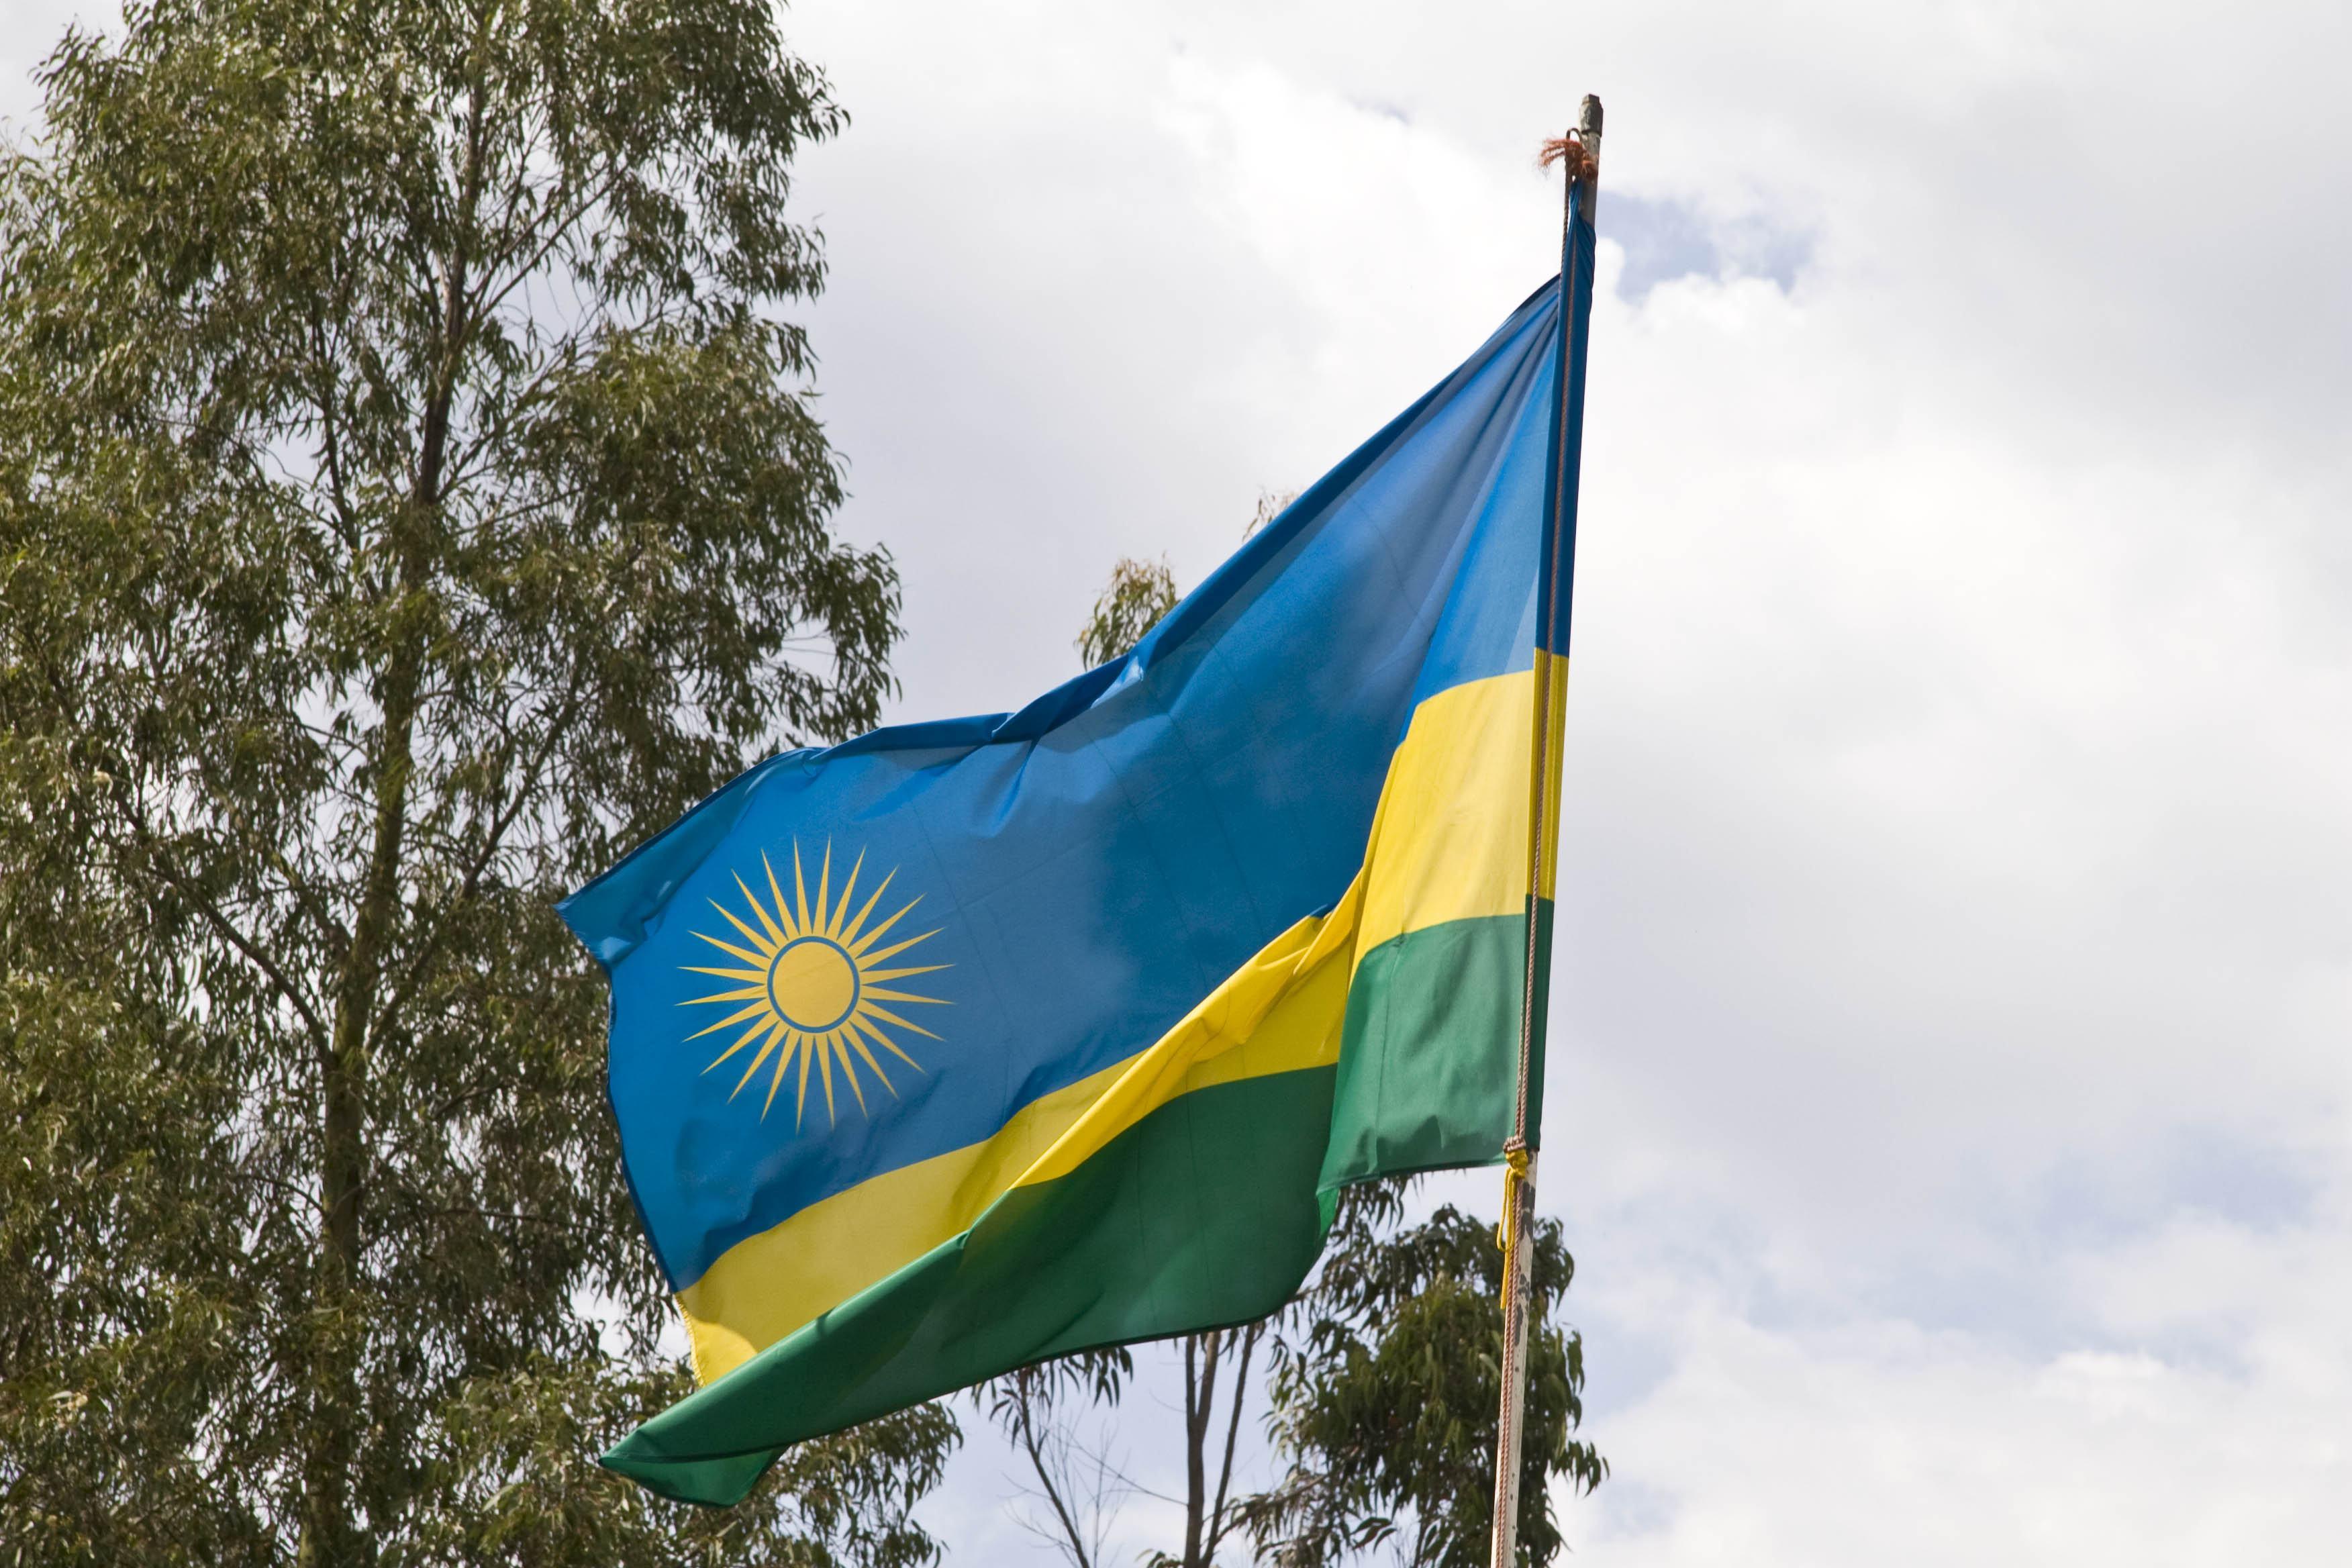 FÊTE DE LA LIBÉRATION DU RWANDA : LE 4 JUILLET À BRUXELLES